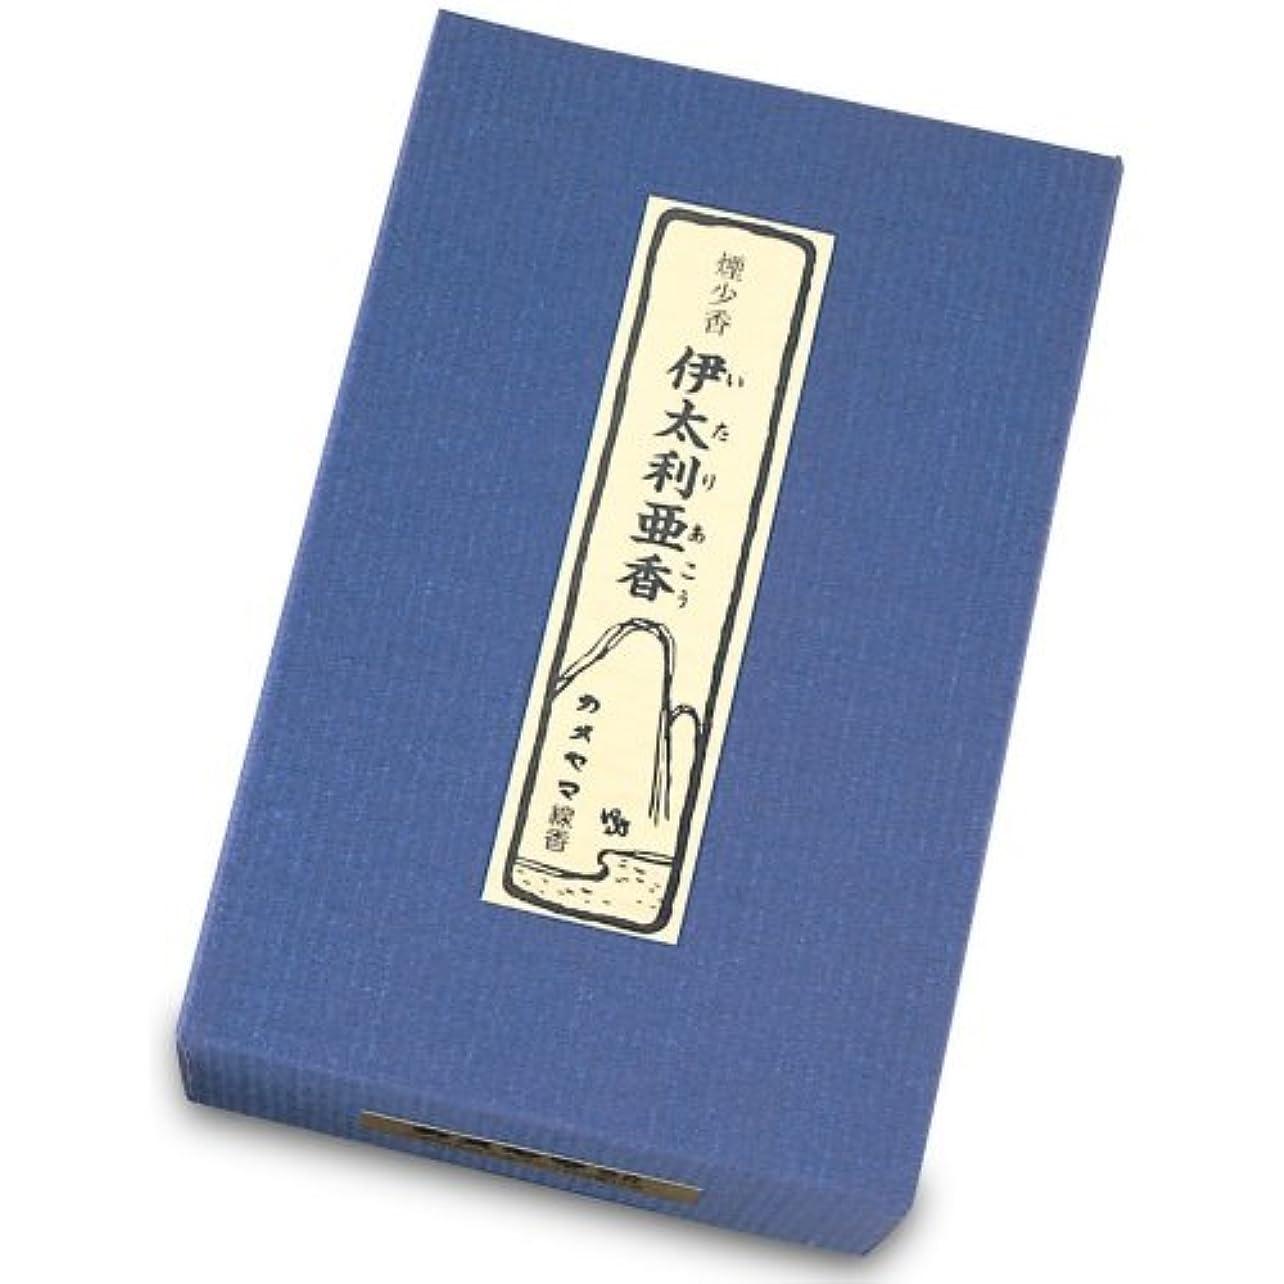 知覚的ジャングル野生イタリア香 185g